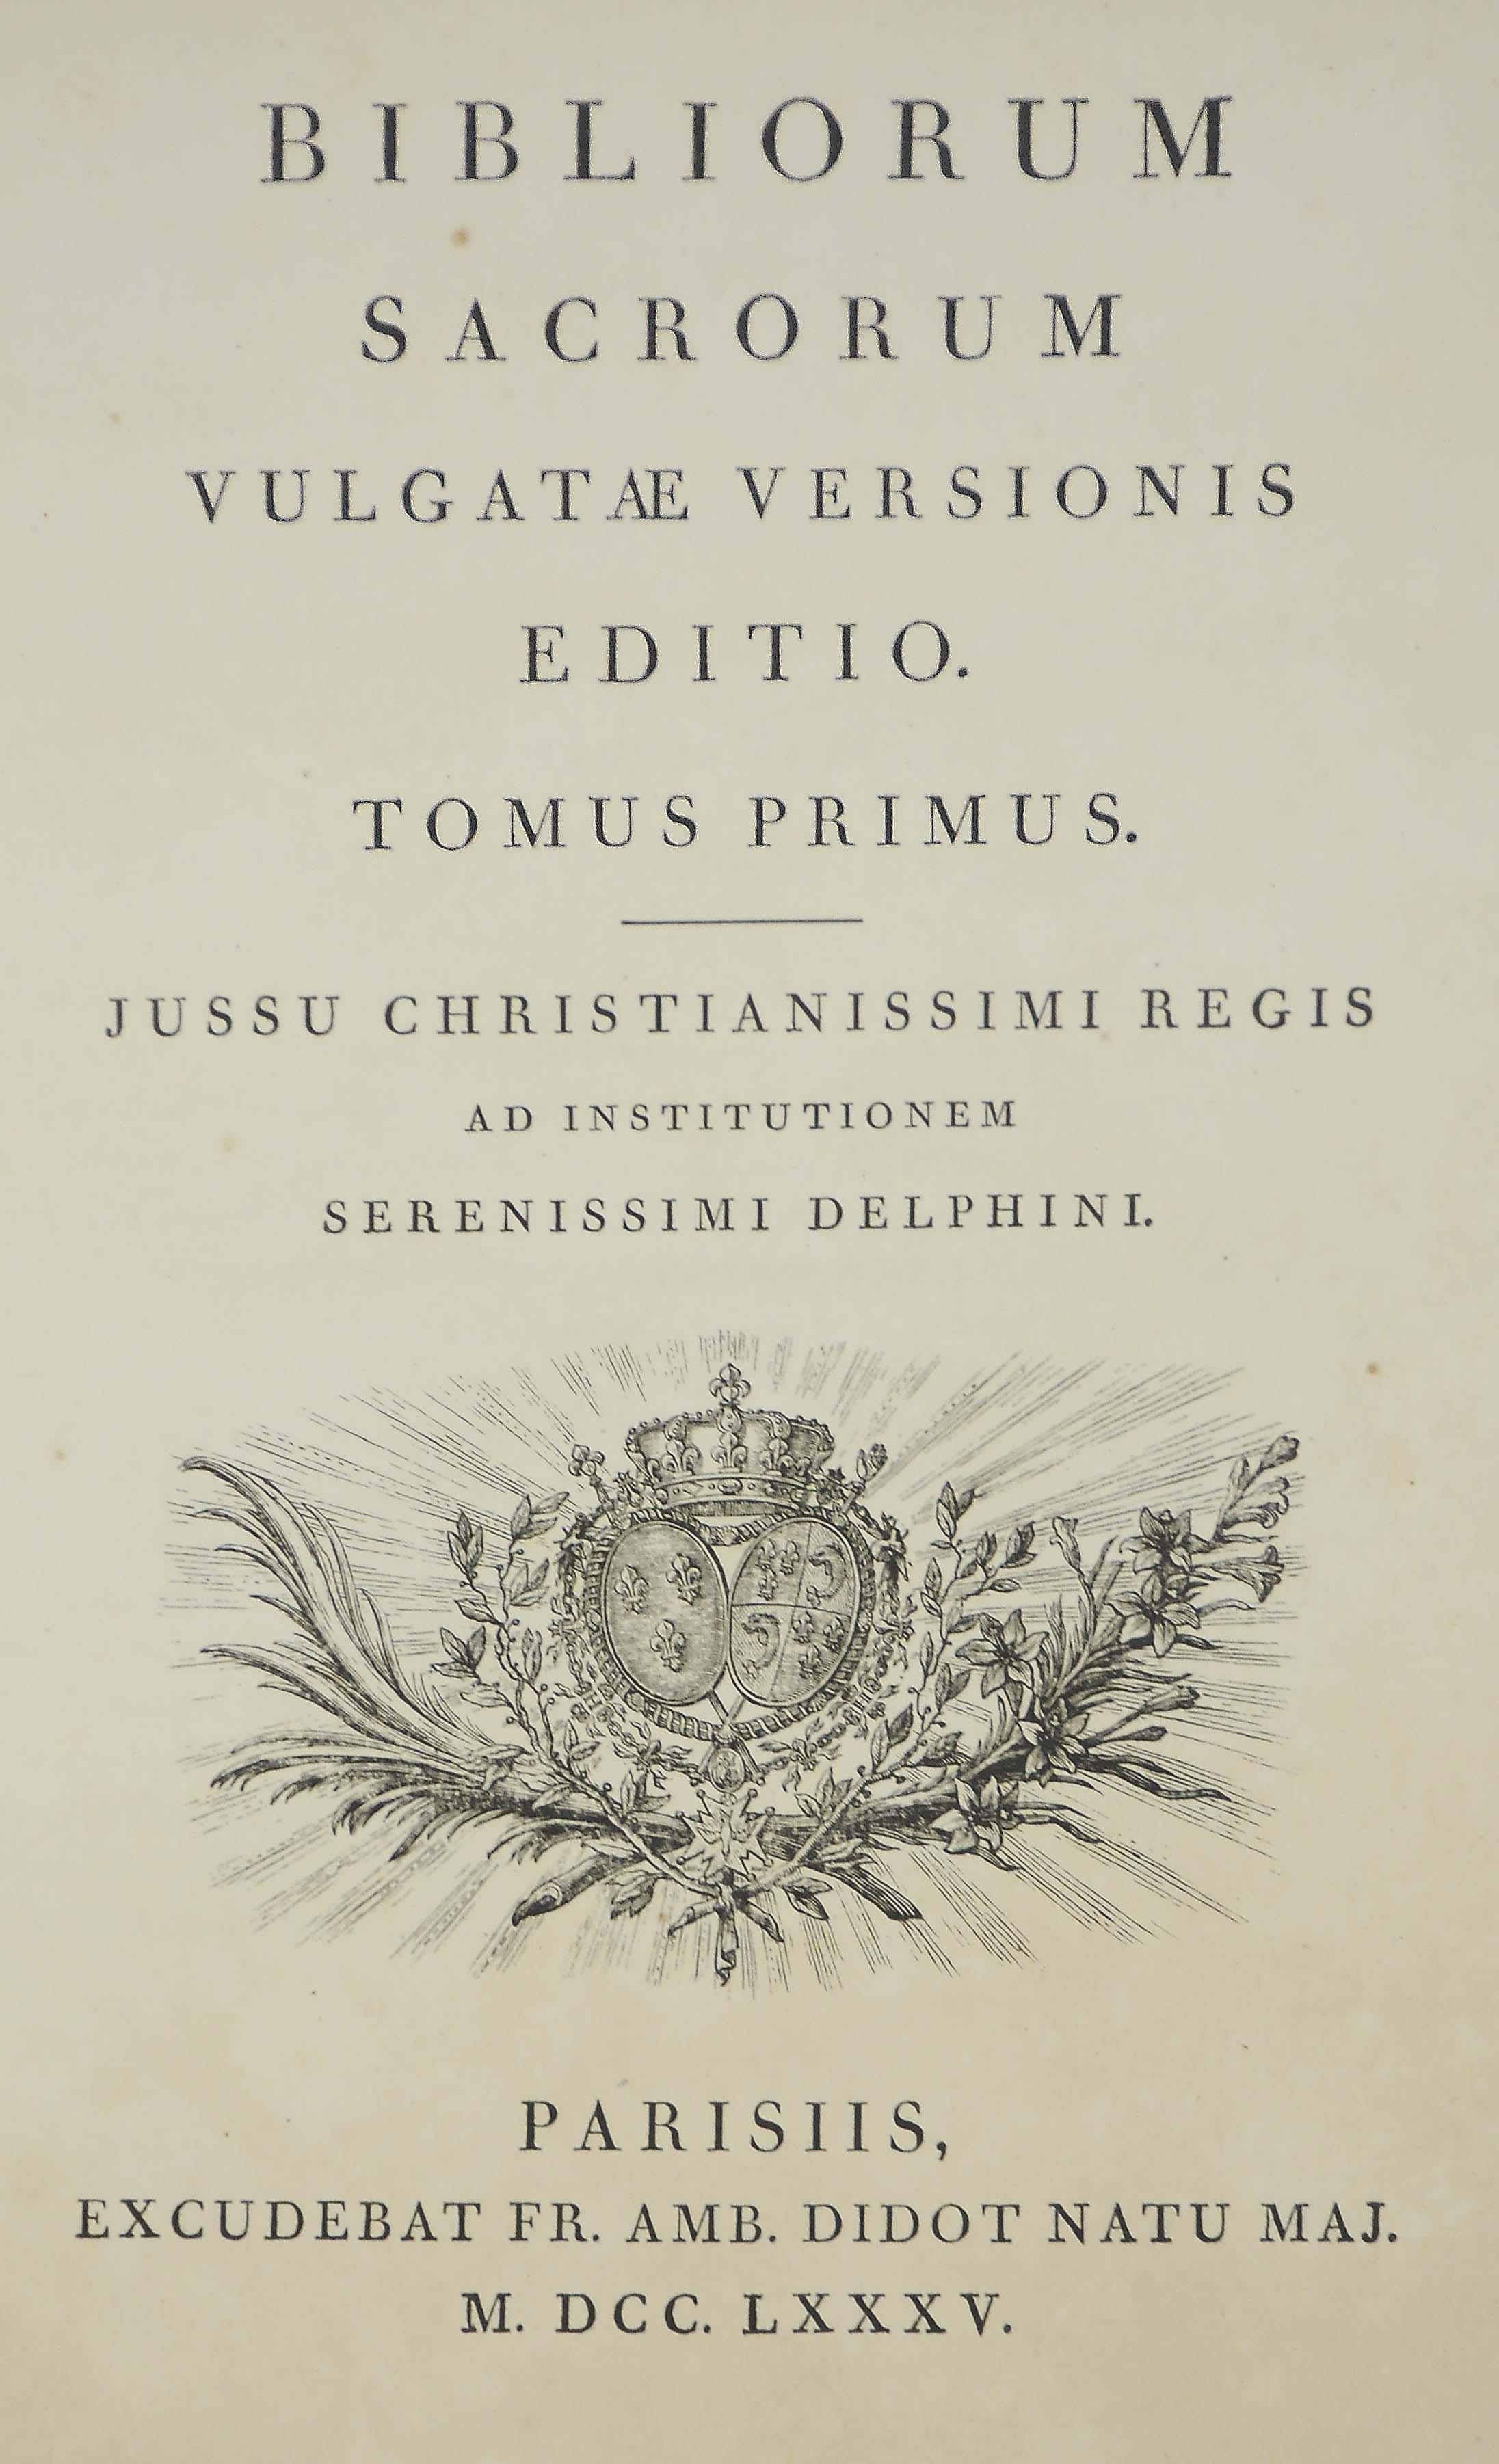 BIBLIA LATINA -- Bibliorum Sac